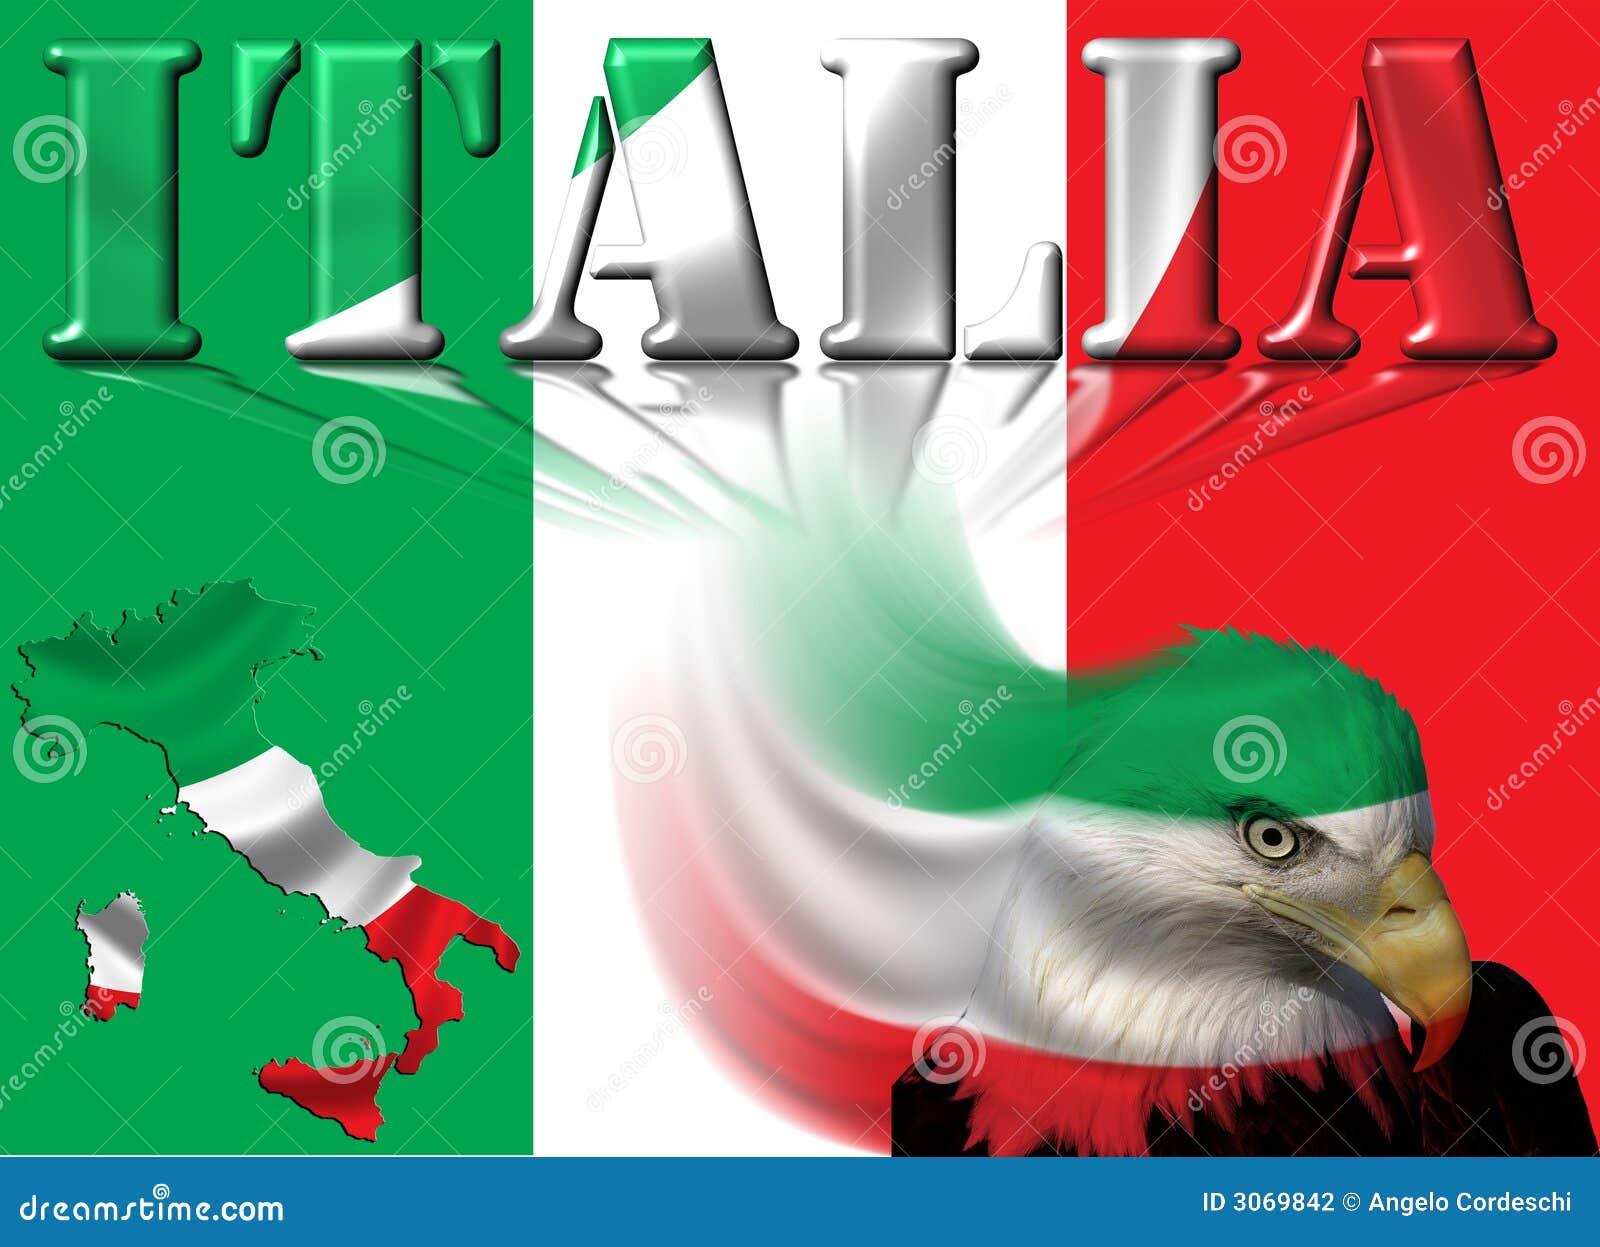 Indicateur/carte et aigle de l Italie